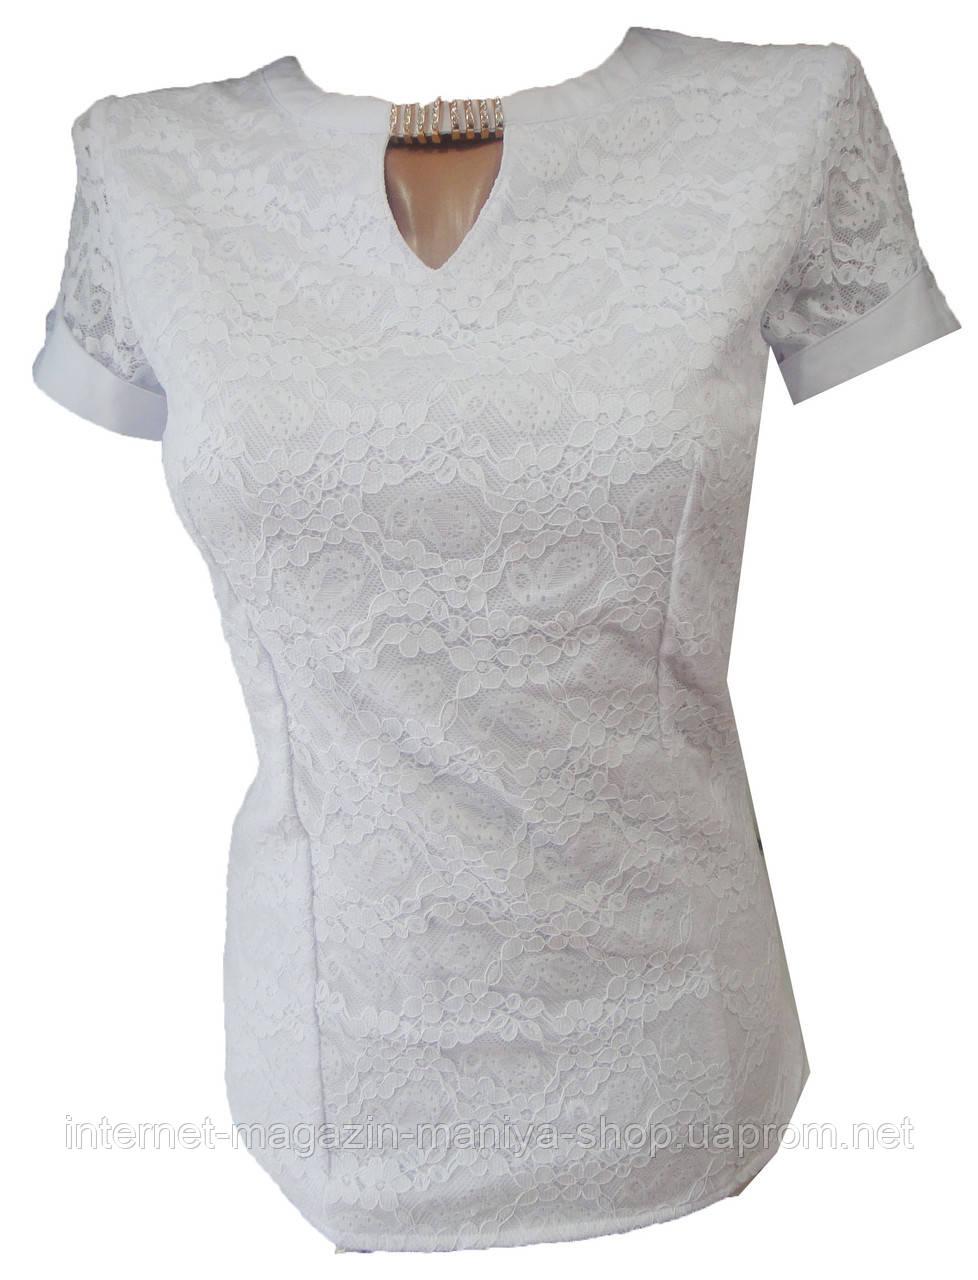 Блузка женская E7320 короткий рукав кружево украшение норма